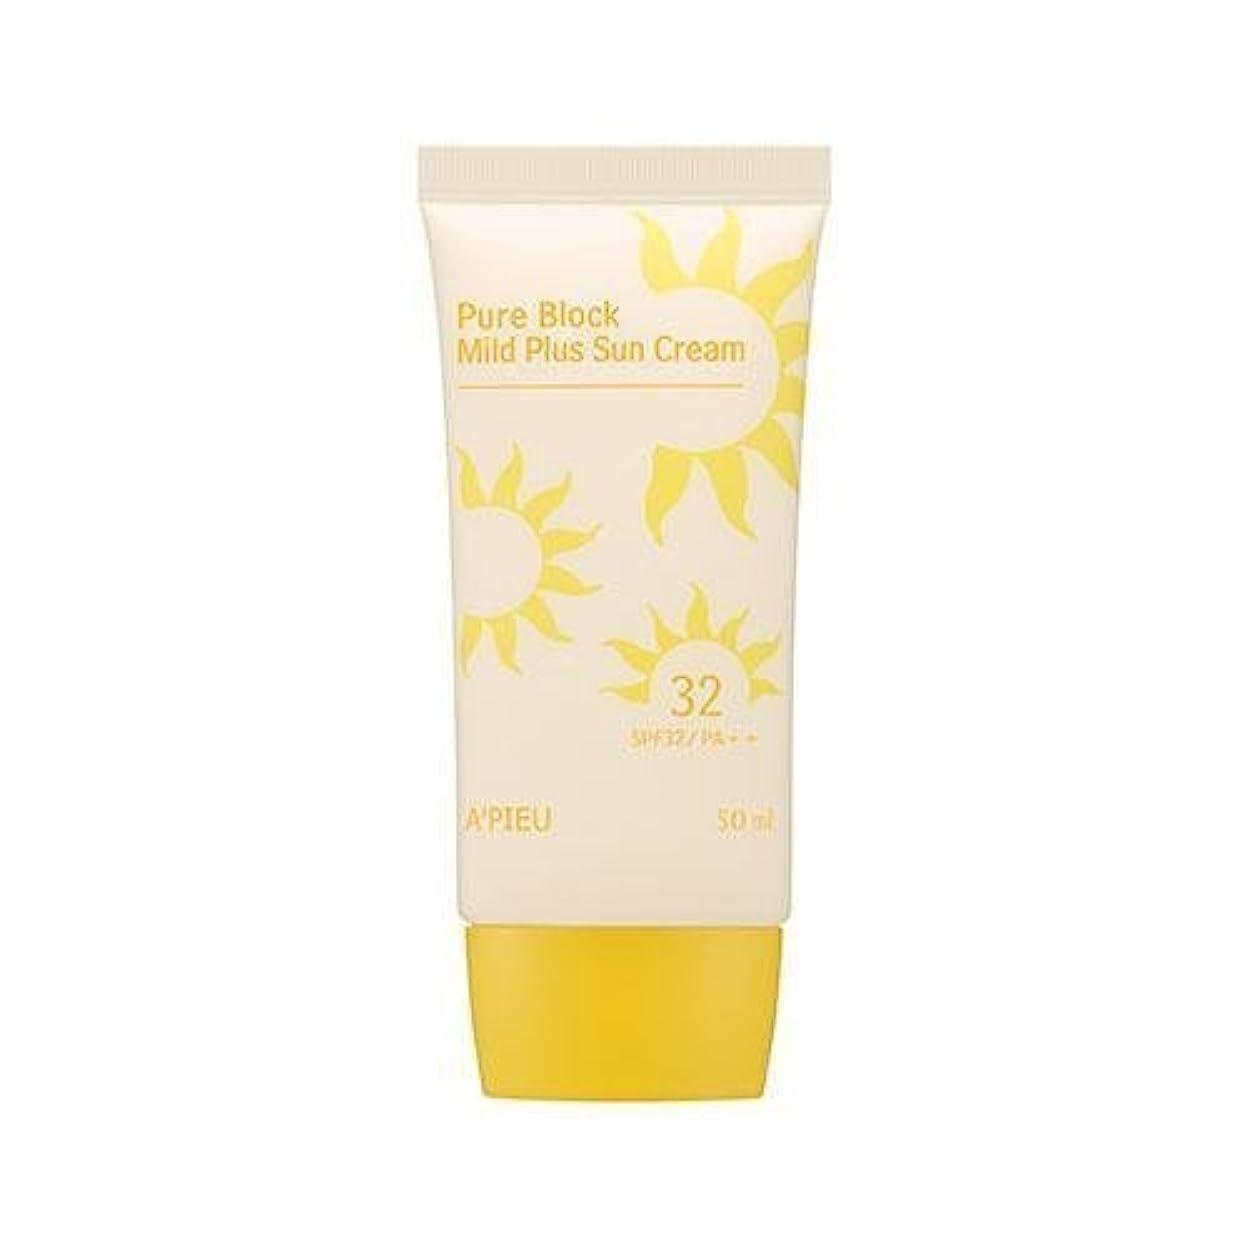 植物学者制限地区APIEU Pure Block Mild Plus Sun Cream (SPF32/PA++)/ Made in Korea